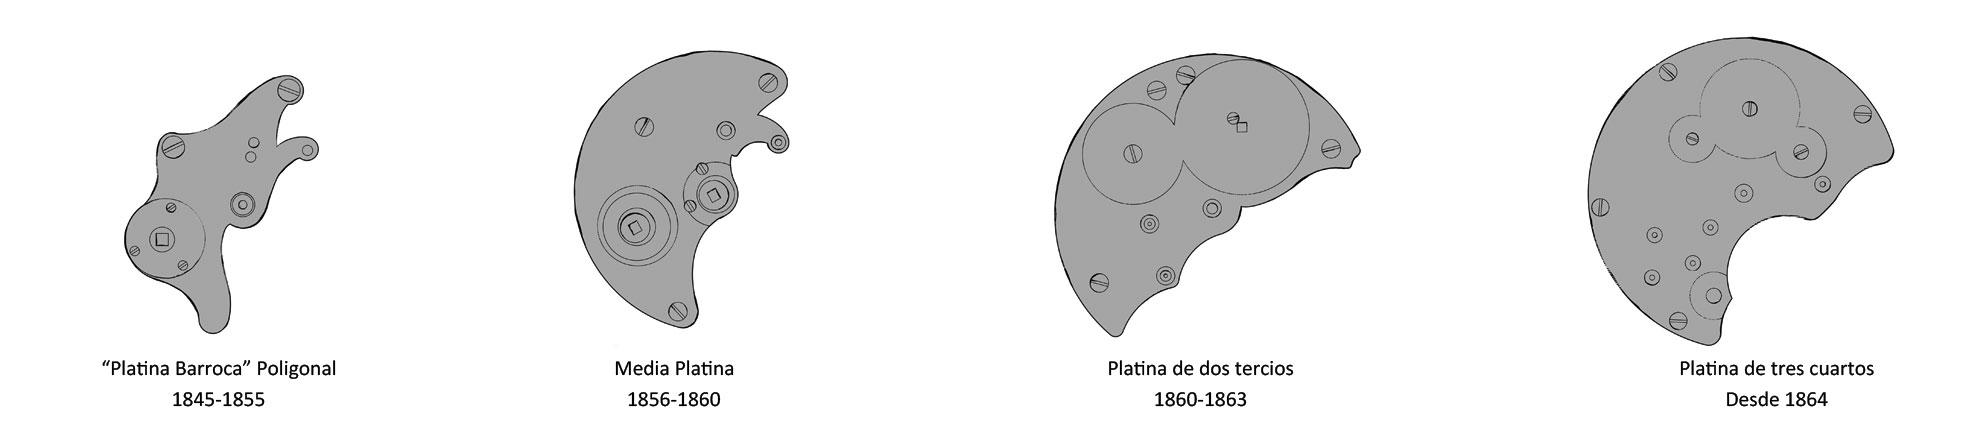 A Lange Söhne - Evolución de la Platina